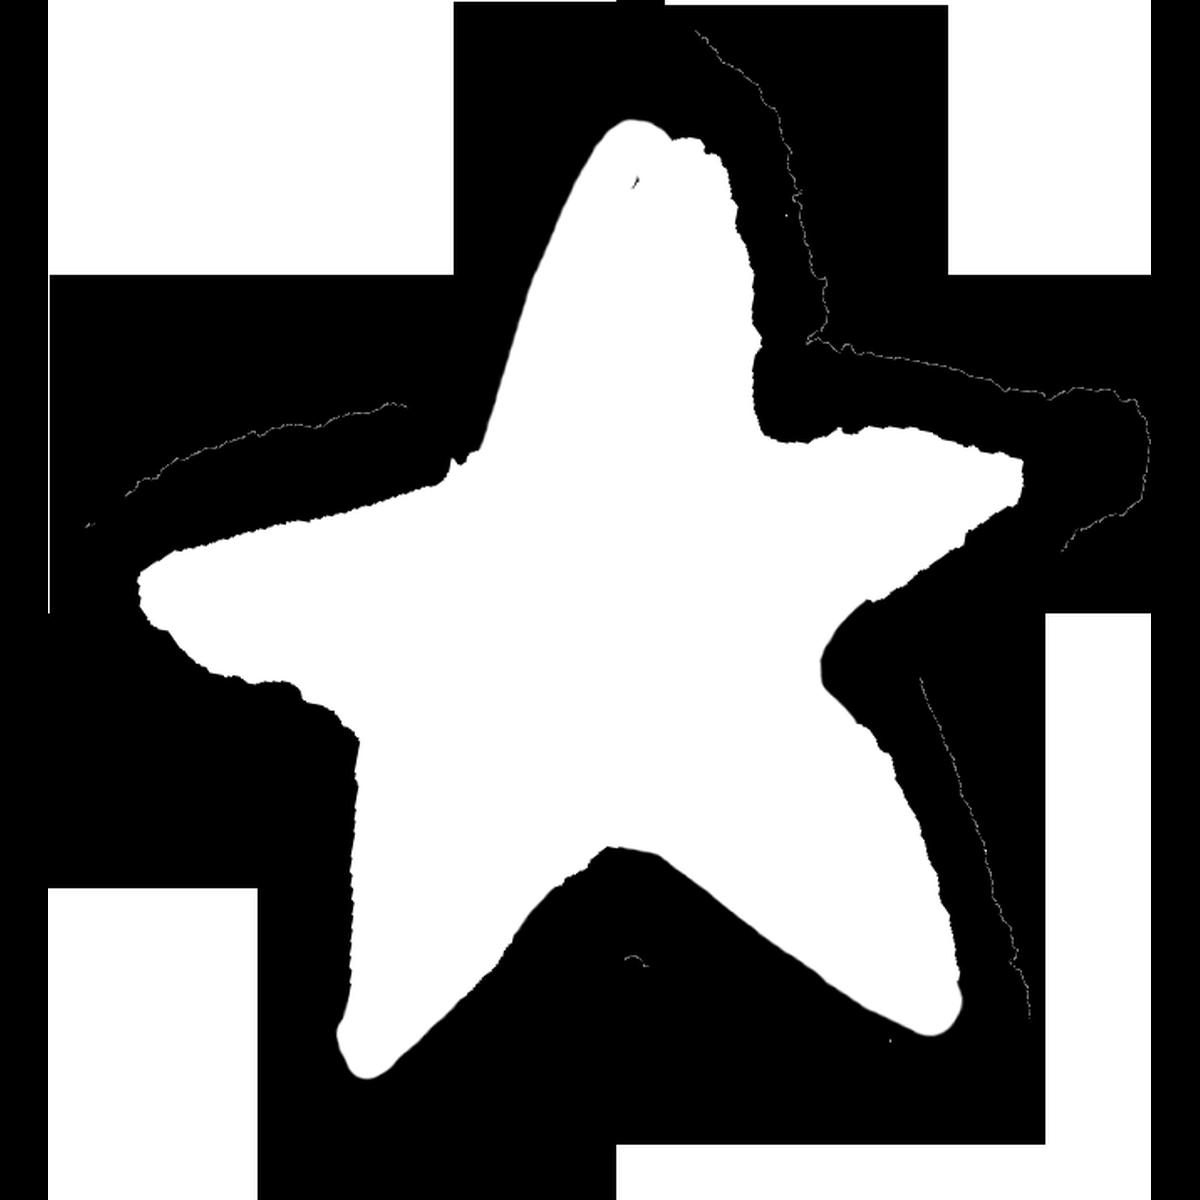 星印(白)2のイラスト Star mark Illust